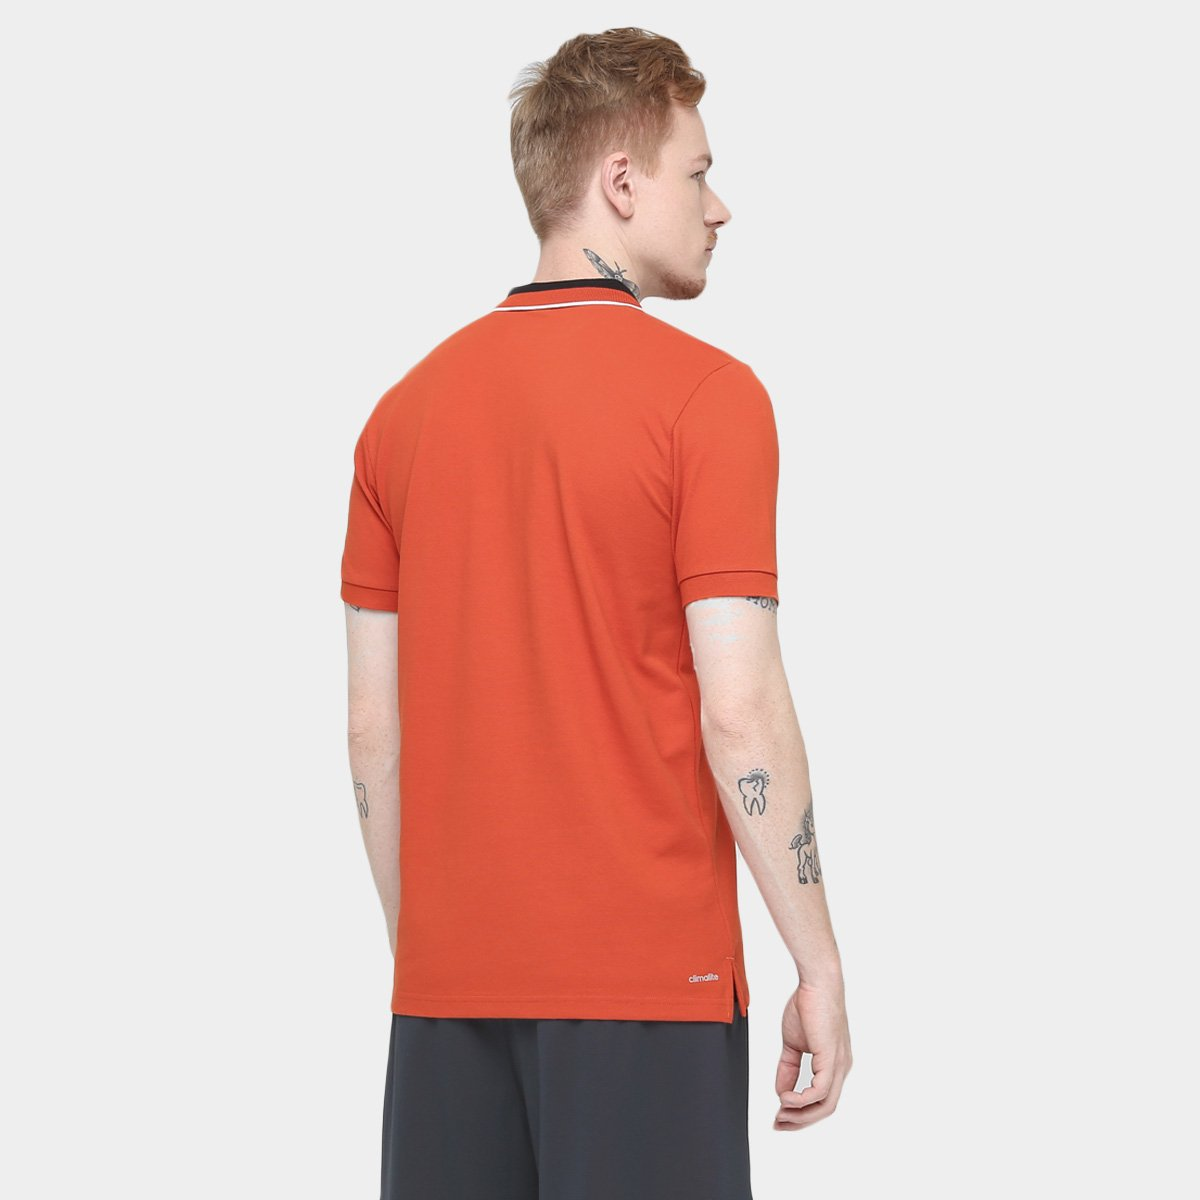 0549b9ad65 Camisa Polo Adidas Originals ESS Masculina - Compre Agora